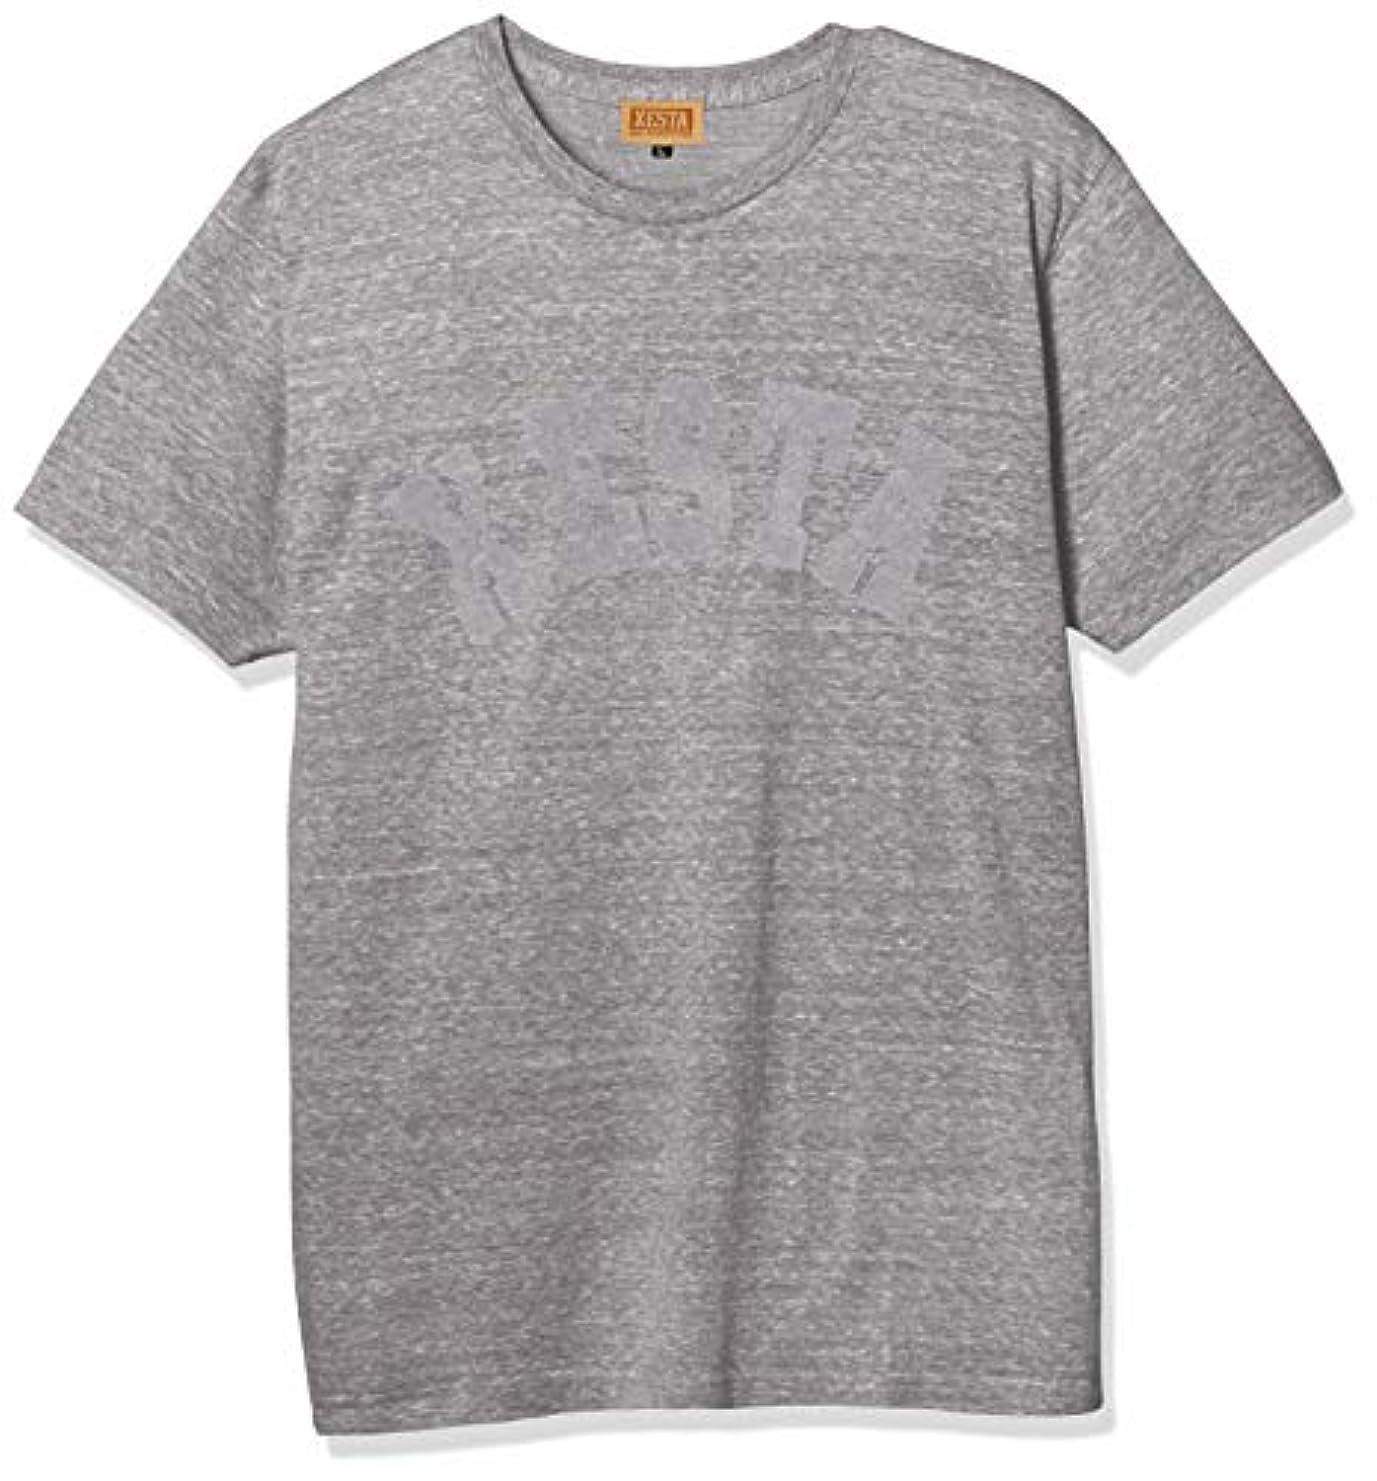 ブラザーサンダル織るゼスタ(XESTA) ヘザー Tシャツ (スローピッチ) ヘザーグレー XL